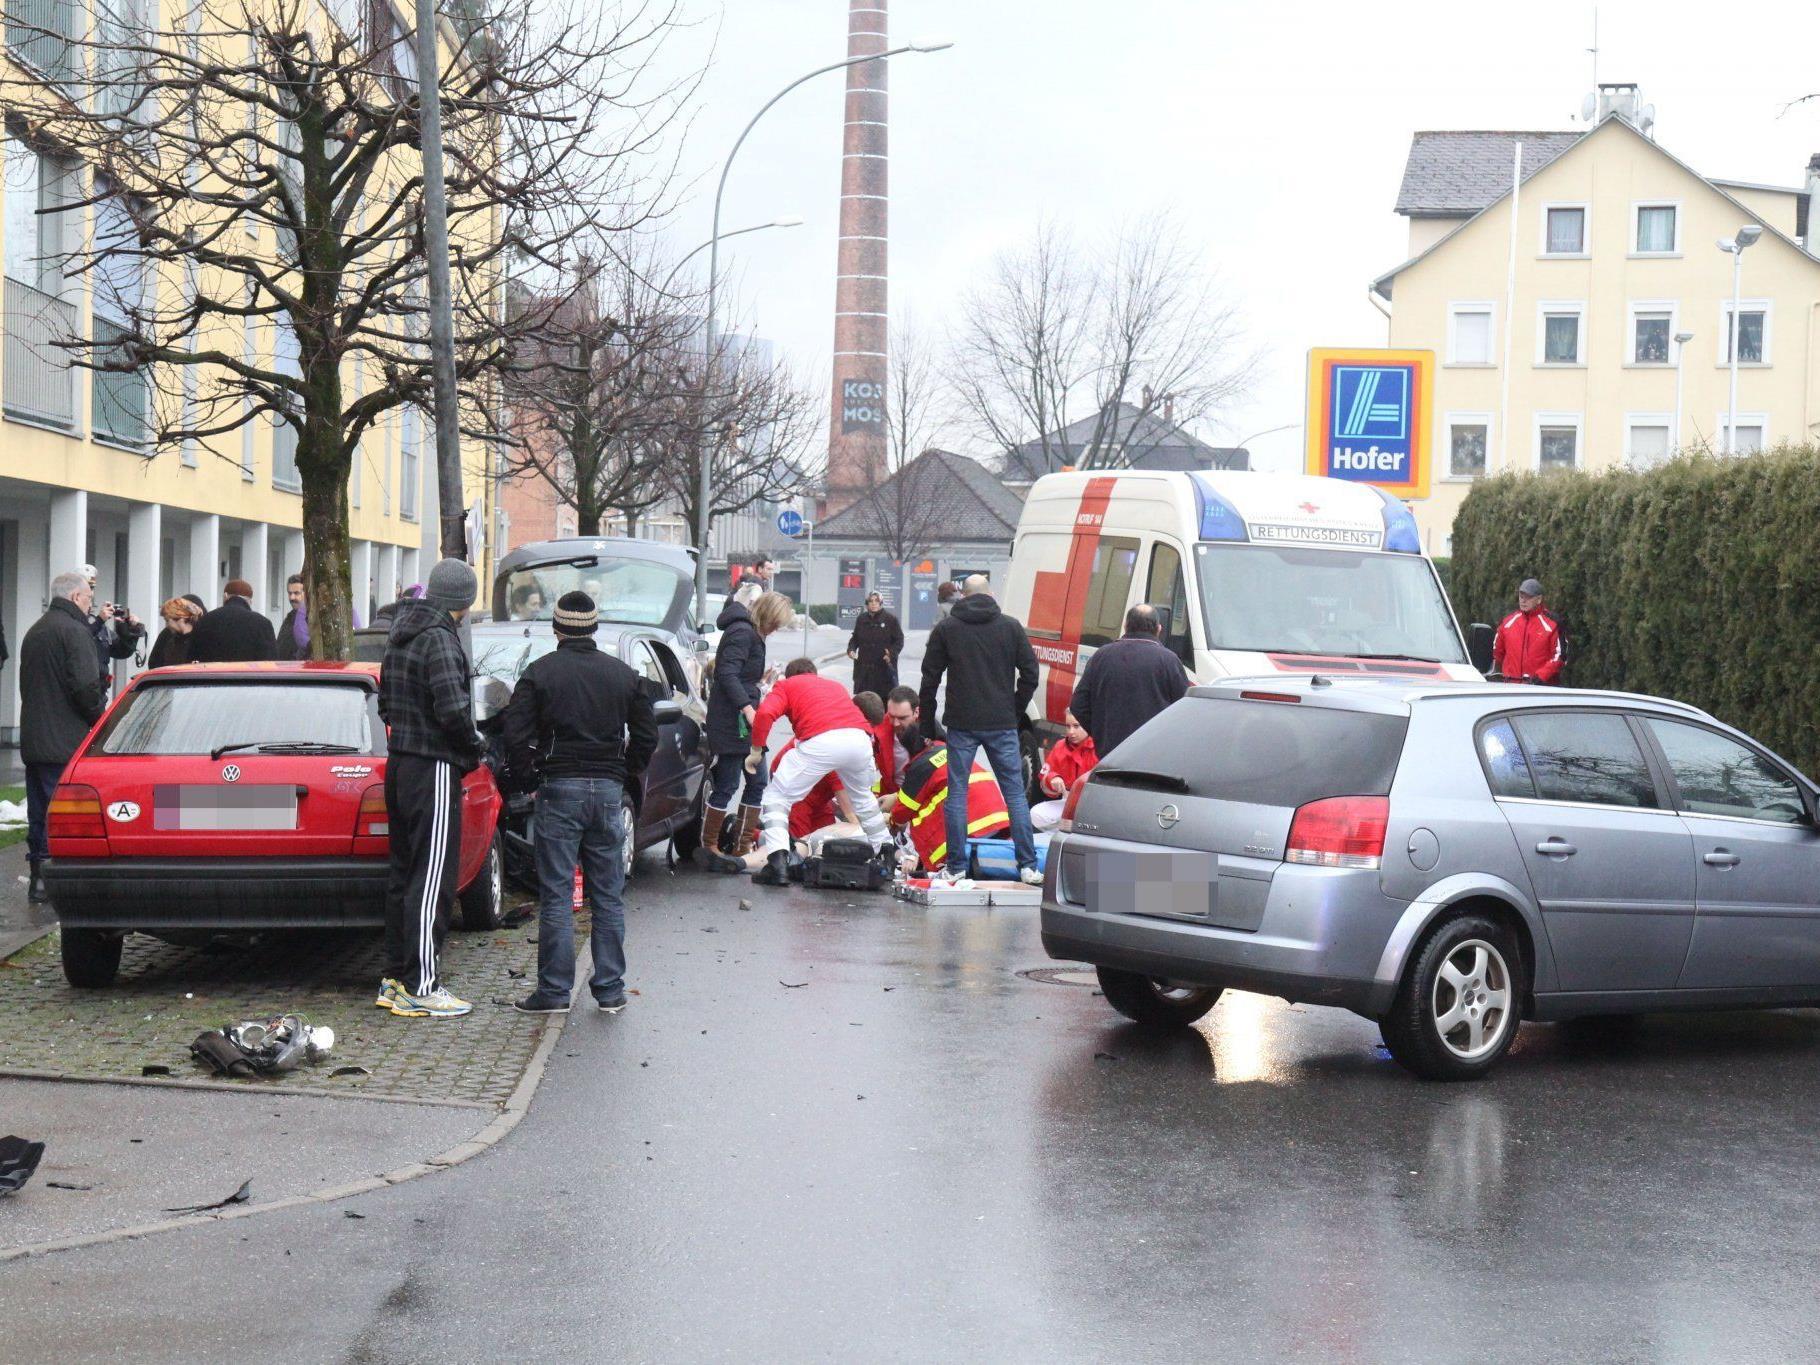 Tödlicher Unfall in Bregenz - Bregenz | VOL.AT